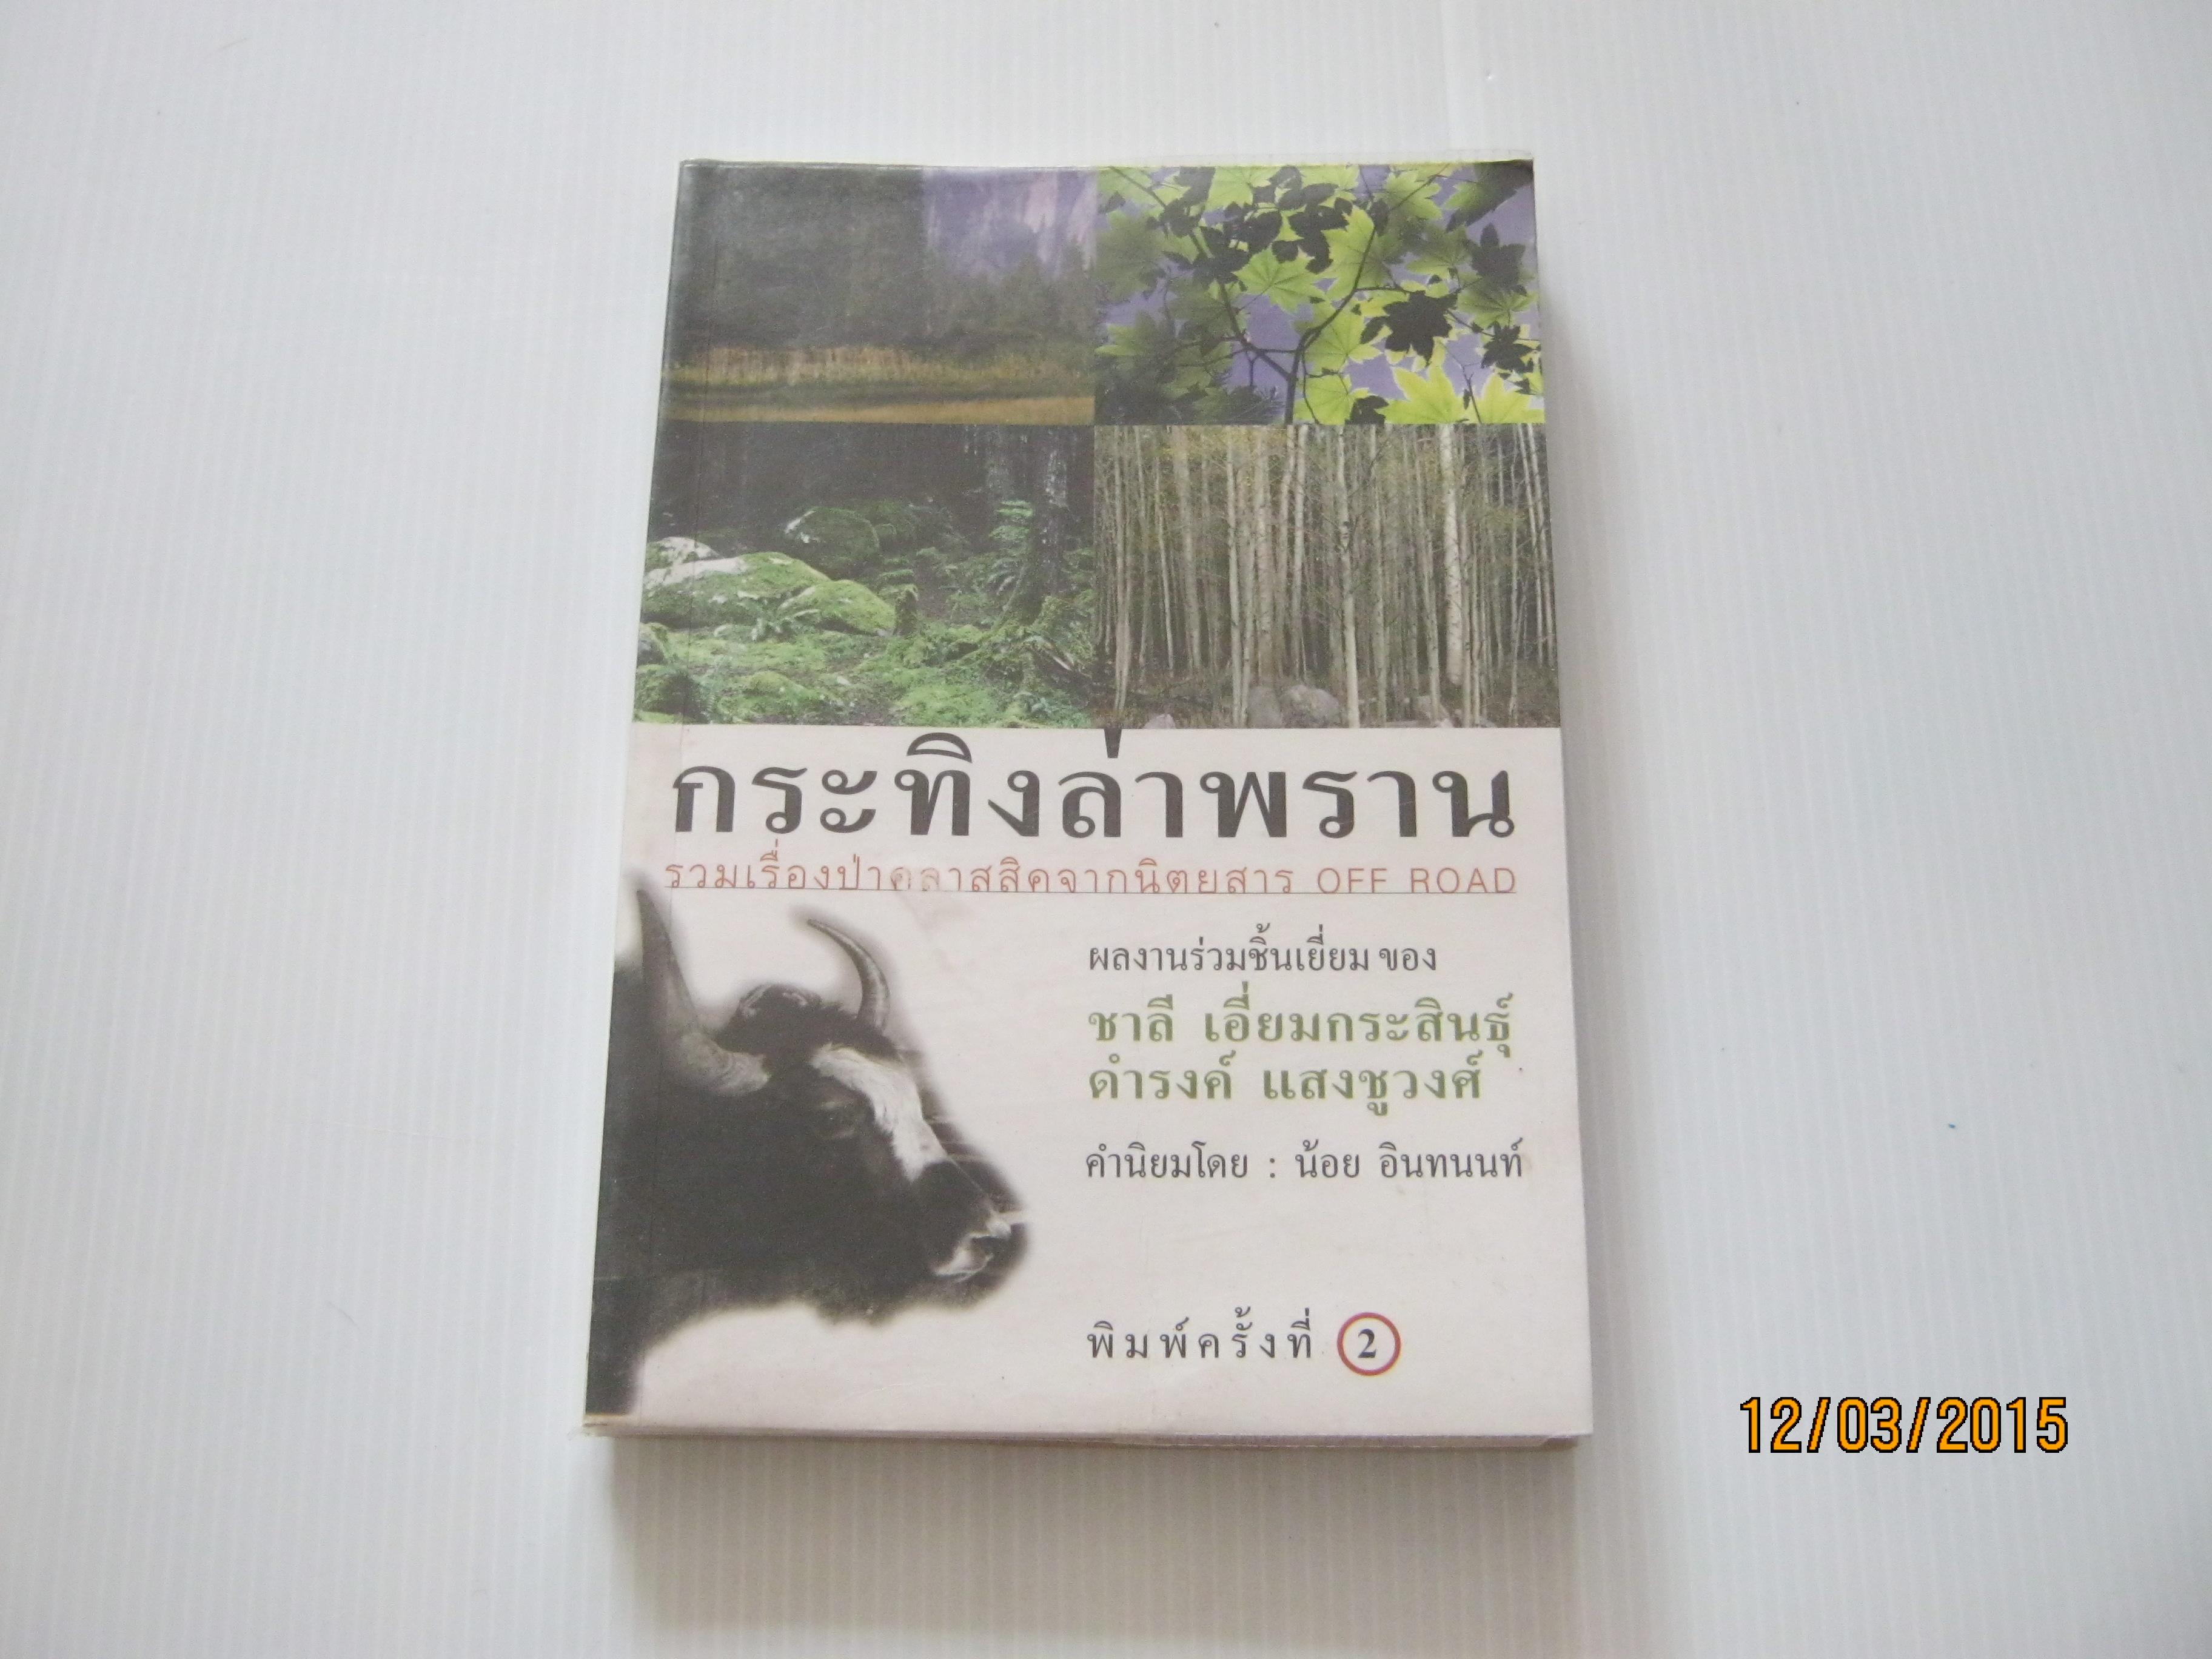 กระทิงล่าพราน พิมพ์ครั้งที่ 2 โดย ชาลี เอี่ยมกระสินธุ์และดำรงค์ แสงชูวงศ์